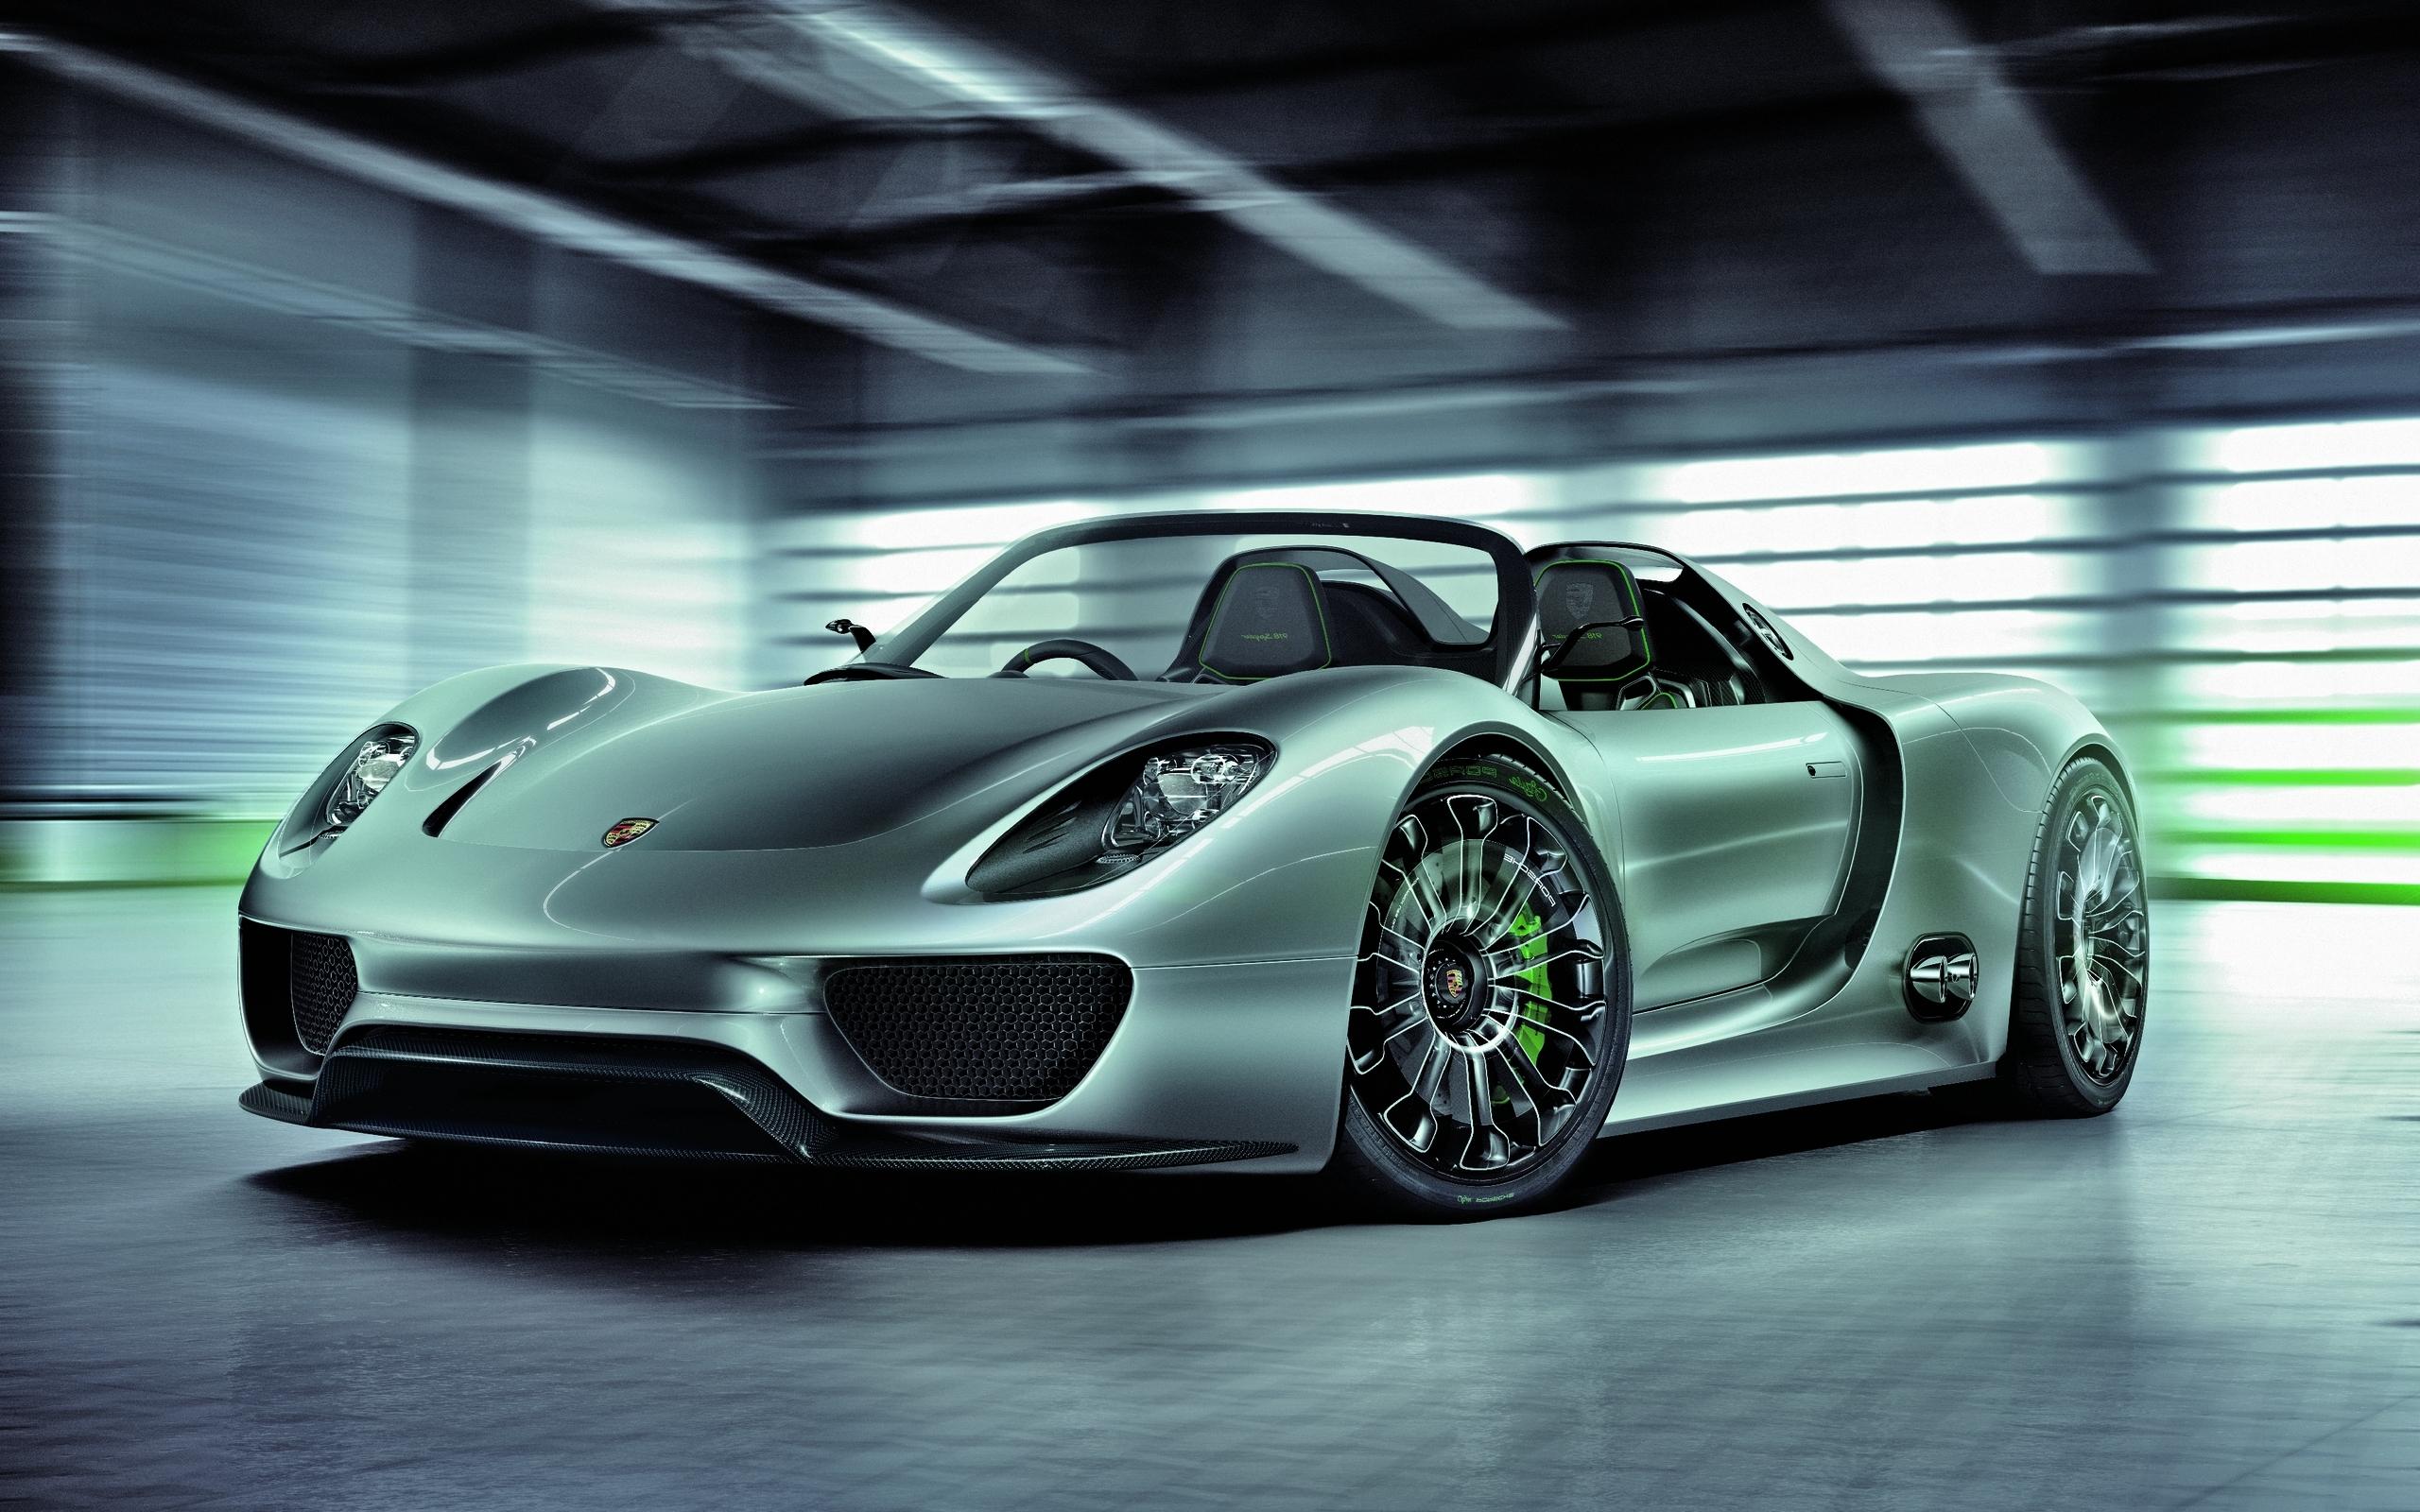 49661 скачать обои Транспорт, Машины, Порш (Porsche) - заставки и картинки бесплатно